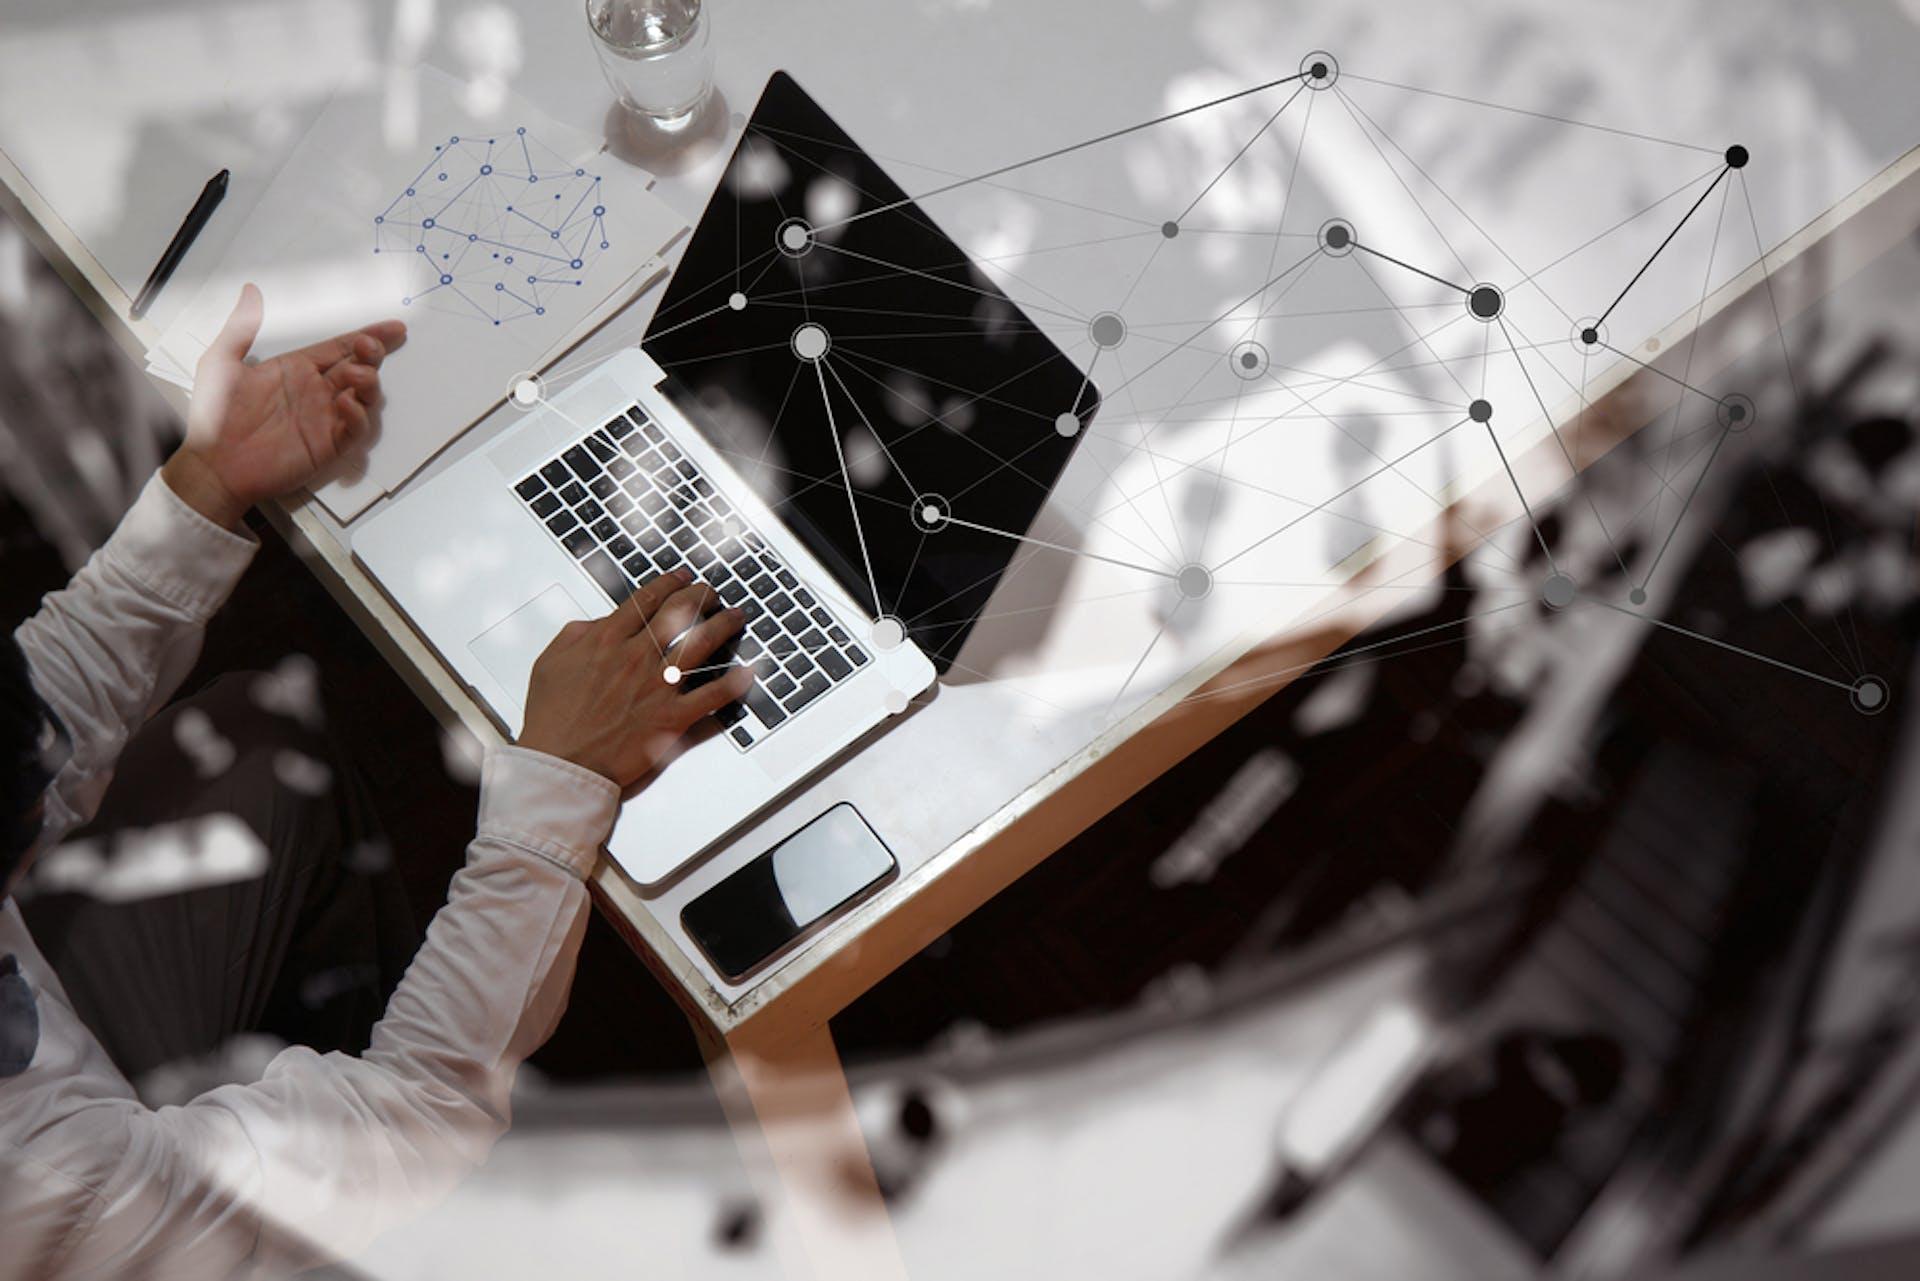 Ein Mann arbeitet am Laptop mit analytischen Elementen - eventuell führt er gerade eine Branchenstrukturanalyse nach Porter durch.